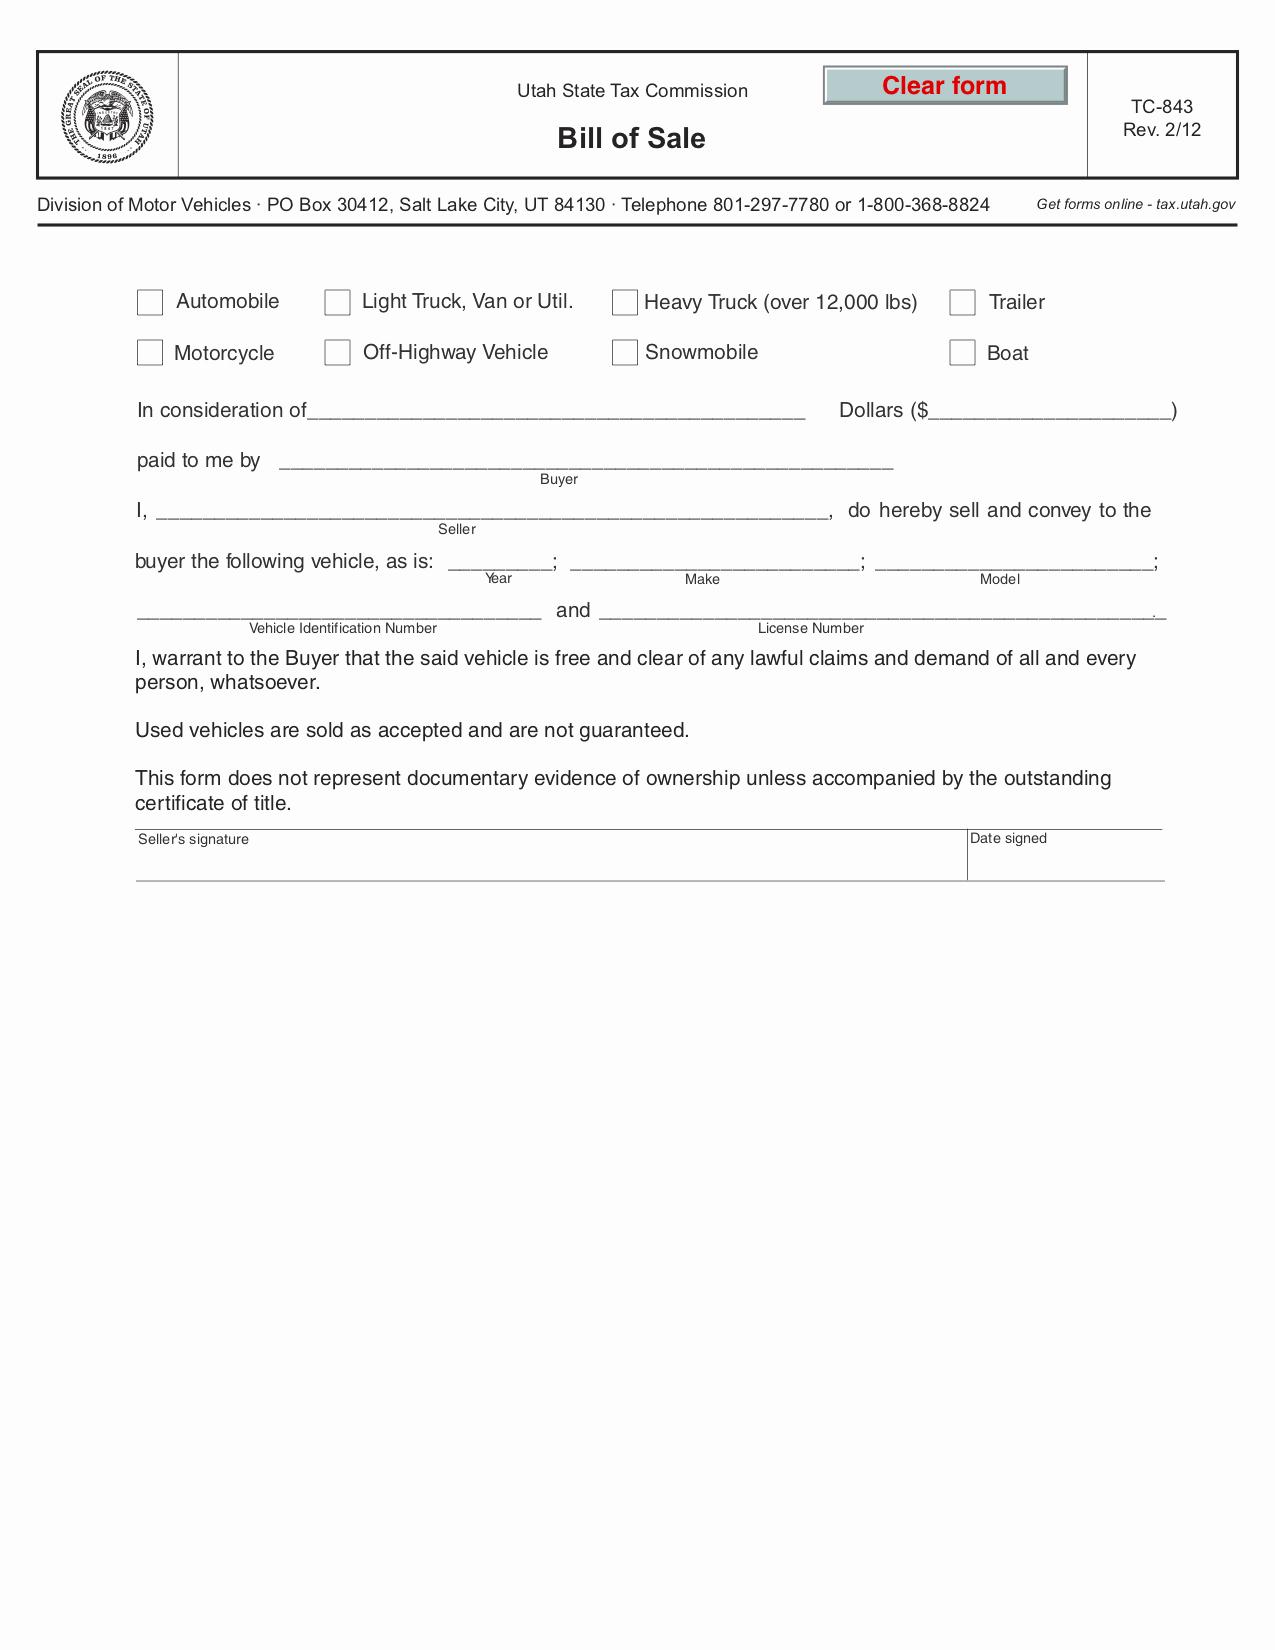 Illinois Dmv Bill Of Sale Elegant Free Utah Bill Of Sale form Pdf Template